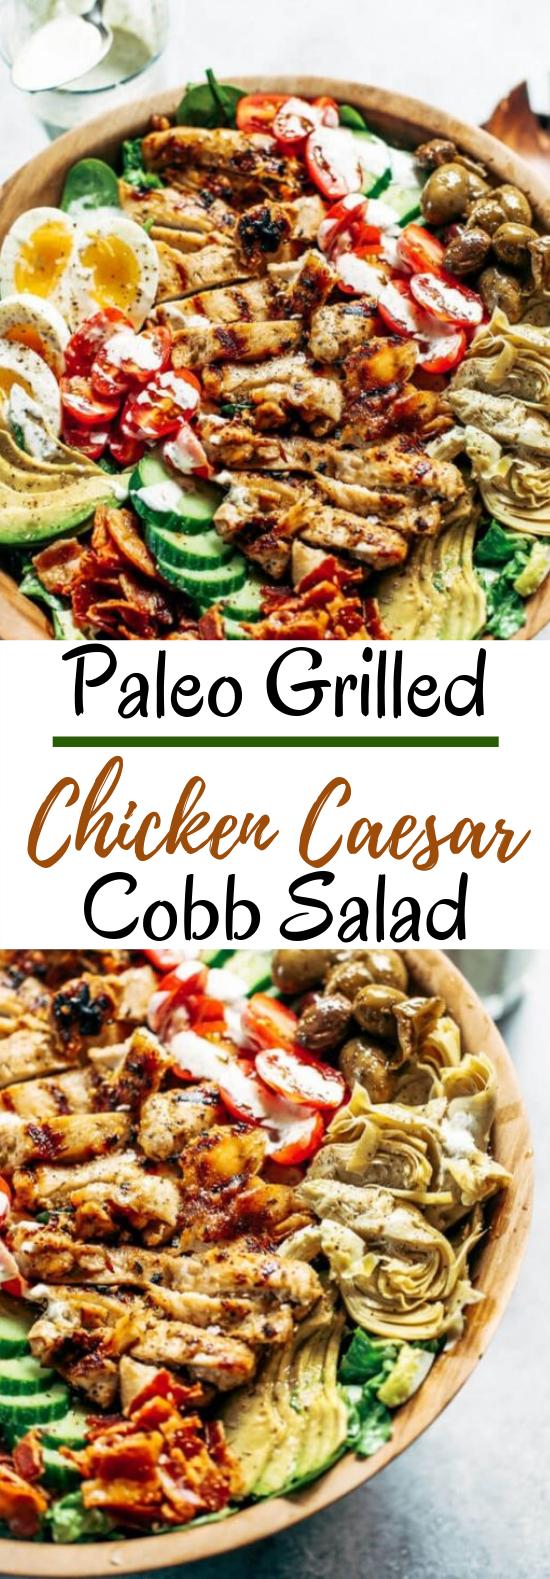 Paleo Grilled Chicken Caesar Cobb Salad #healthy #salad